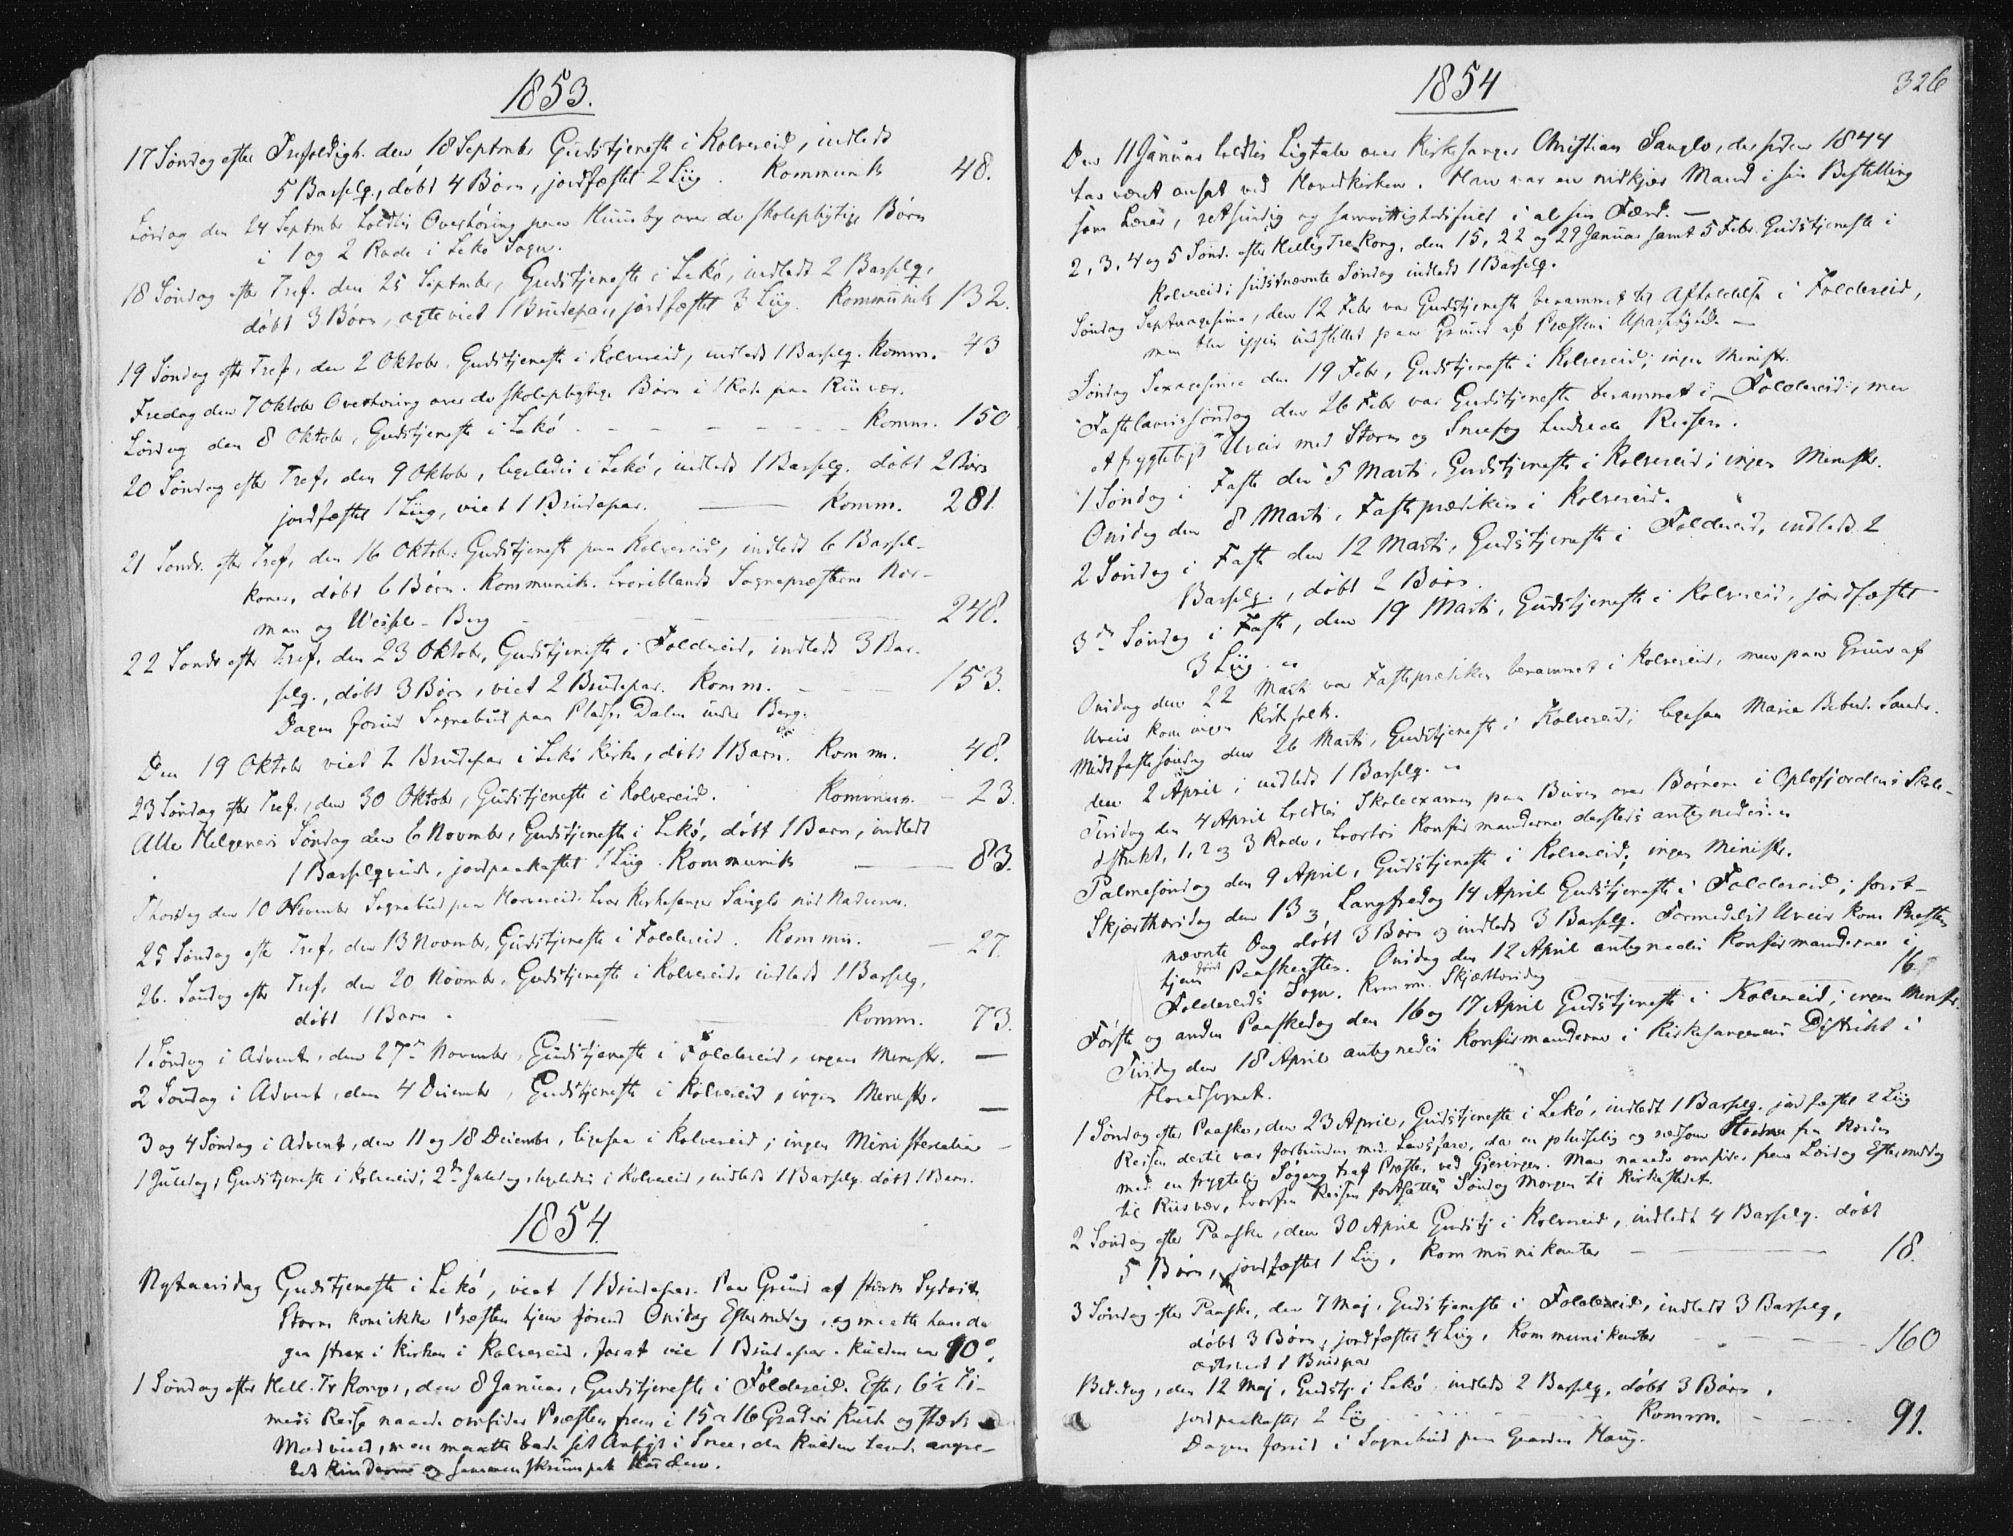 SAT, Ministerialprotokoller, klokkerbøker og fødselsregistre - Nord-Trøndelag, 780/L0640: Ministerialbok nr. 780A05, 1845-1856, s. 326